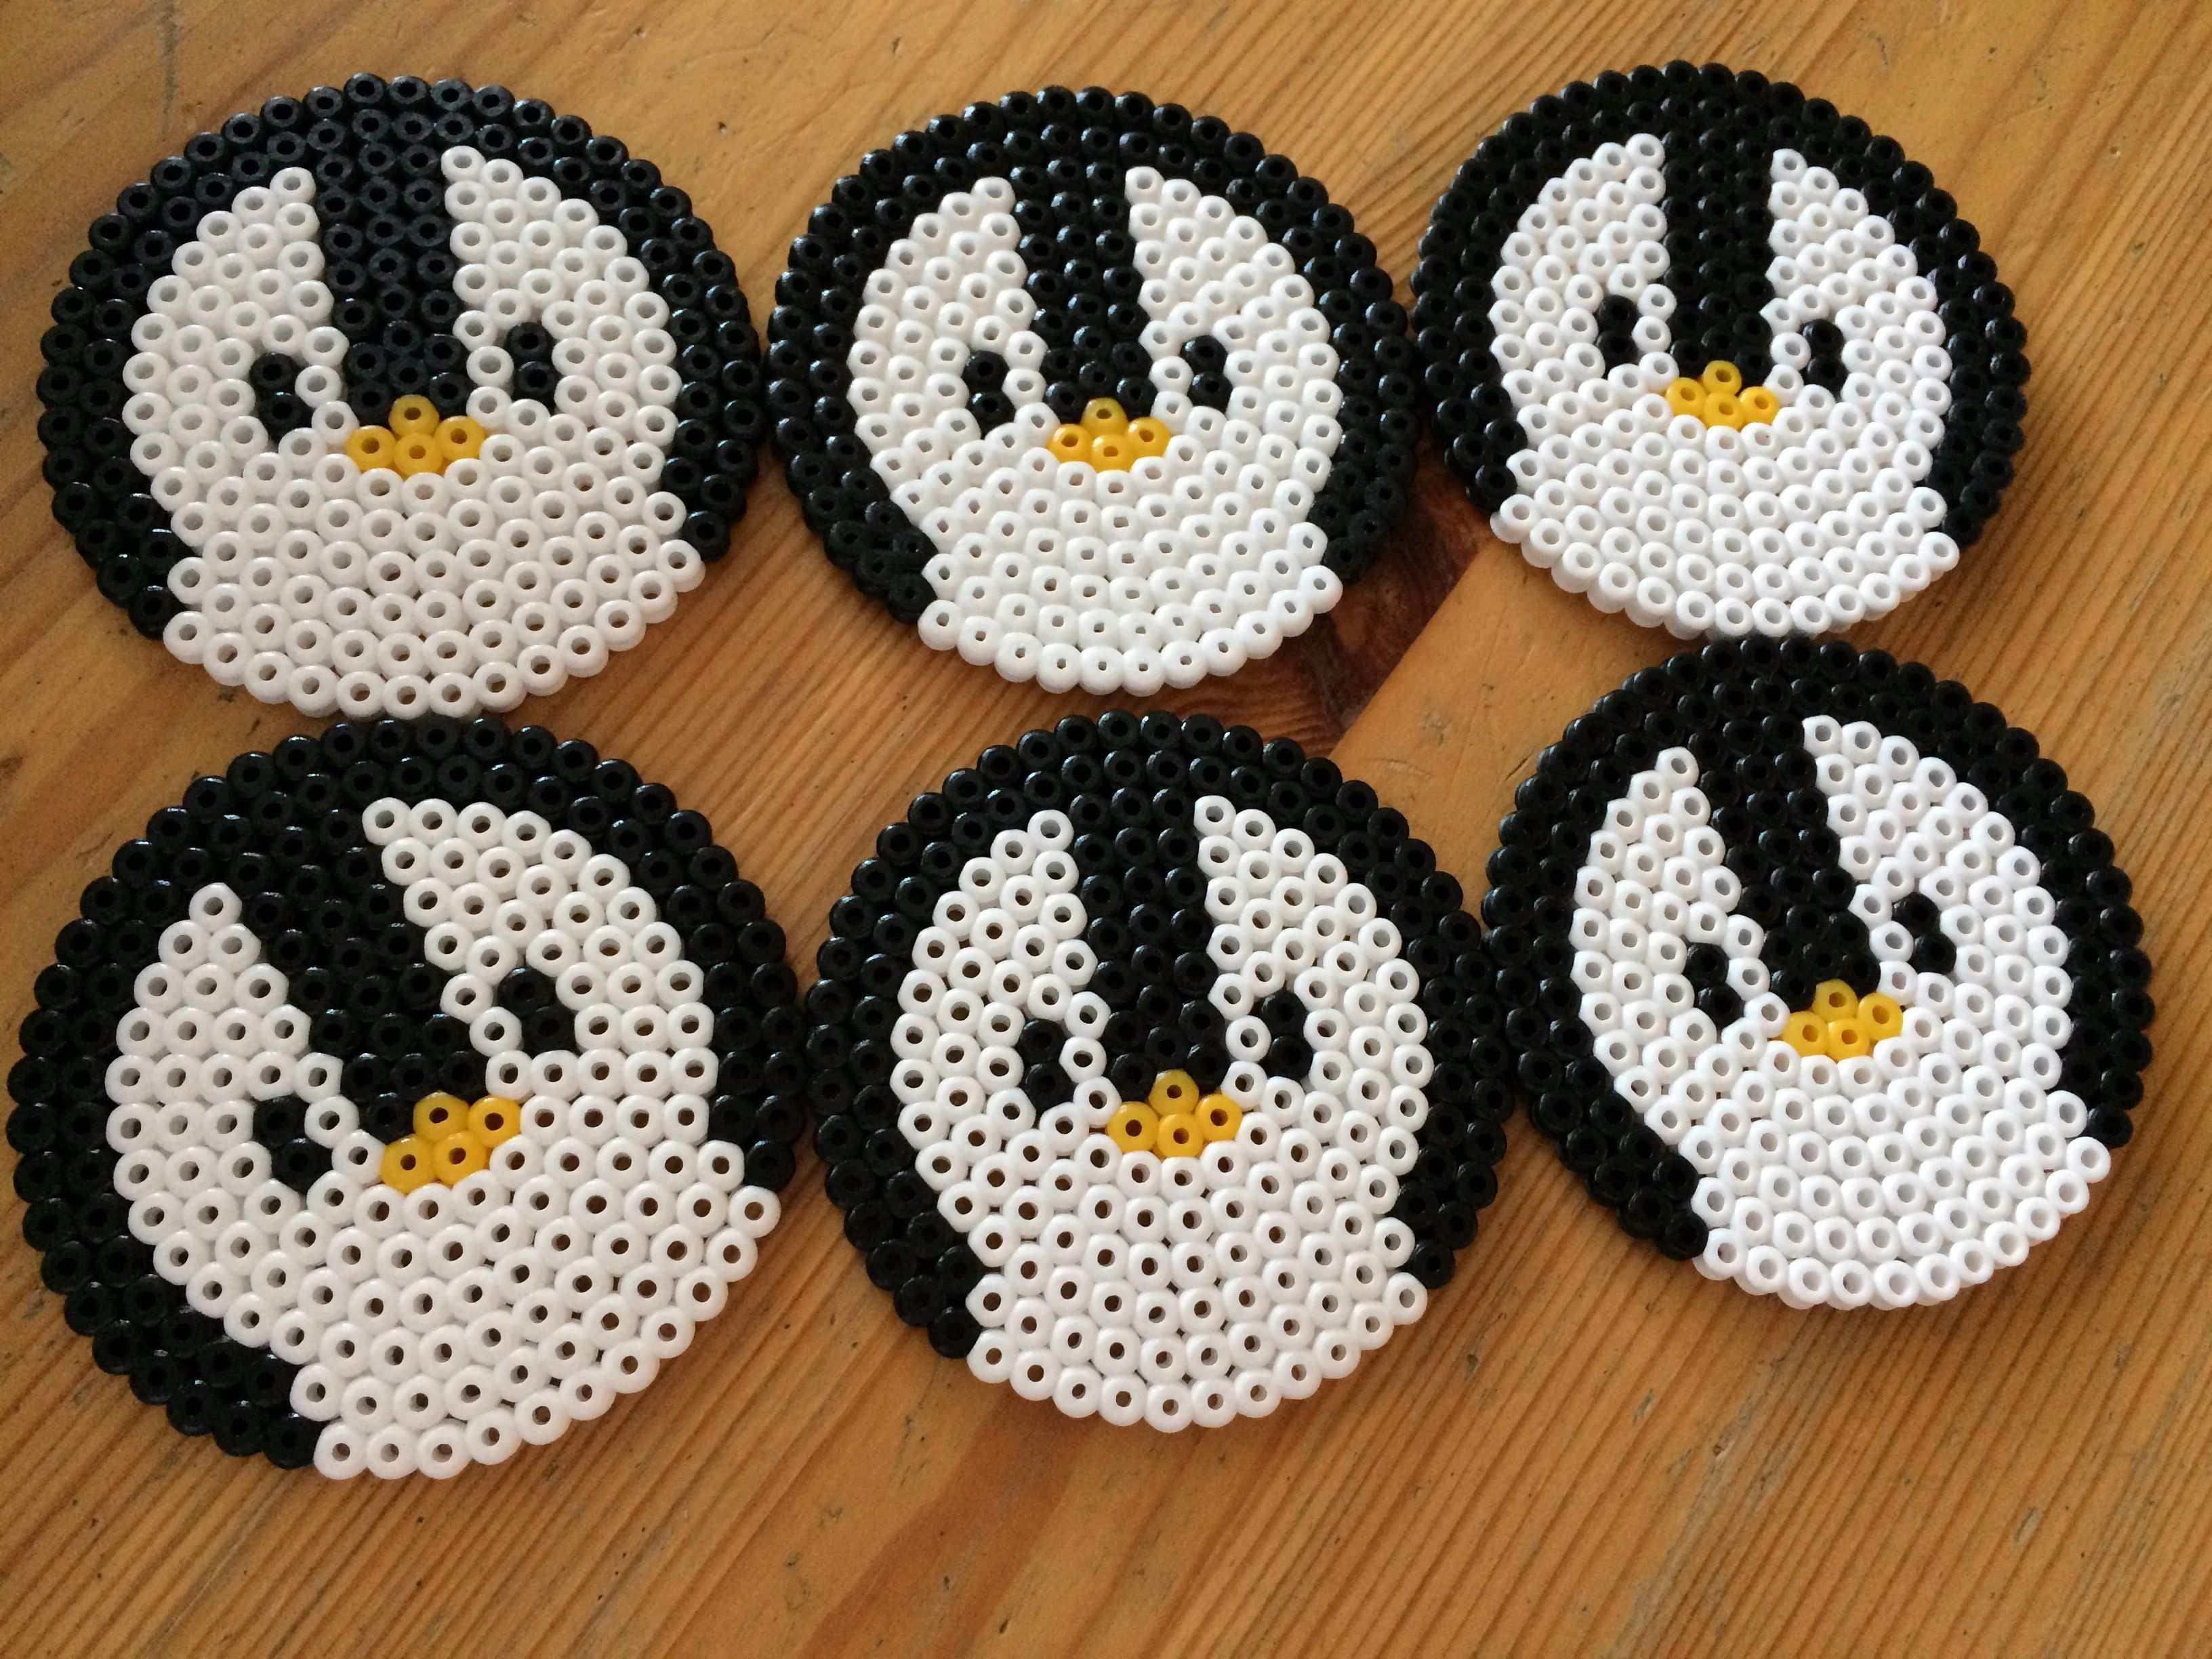 Bugelperlen Untersetzer In Form Von Pinguinen Bugelperlen Basteln Diy Geschenke